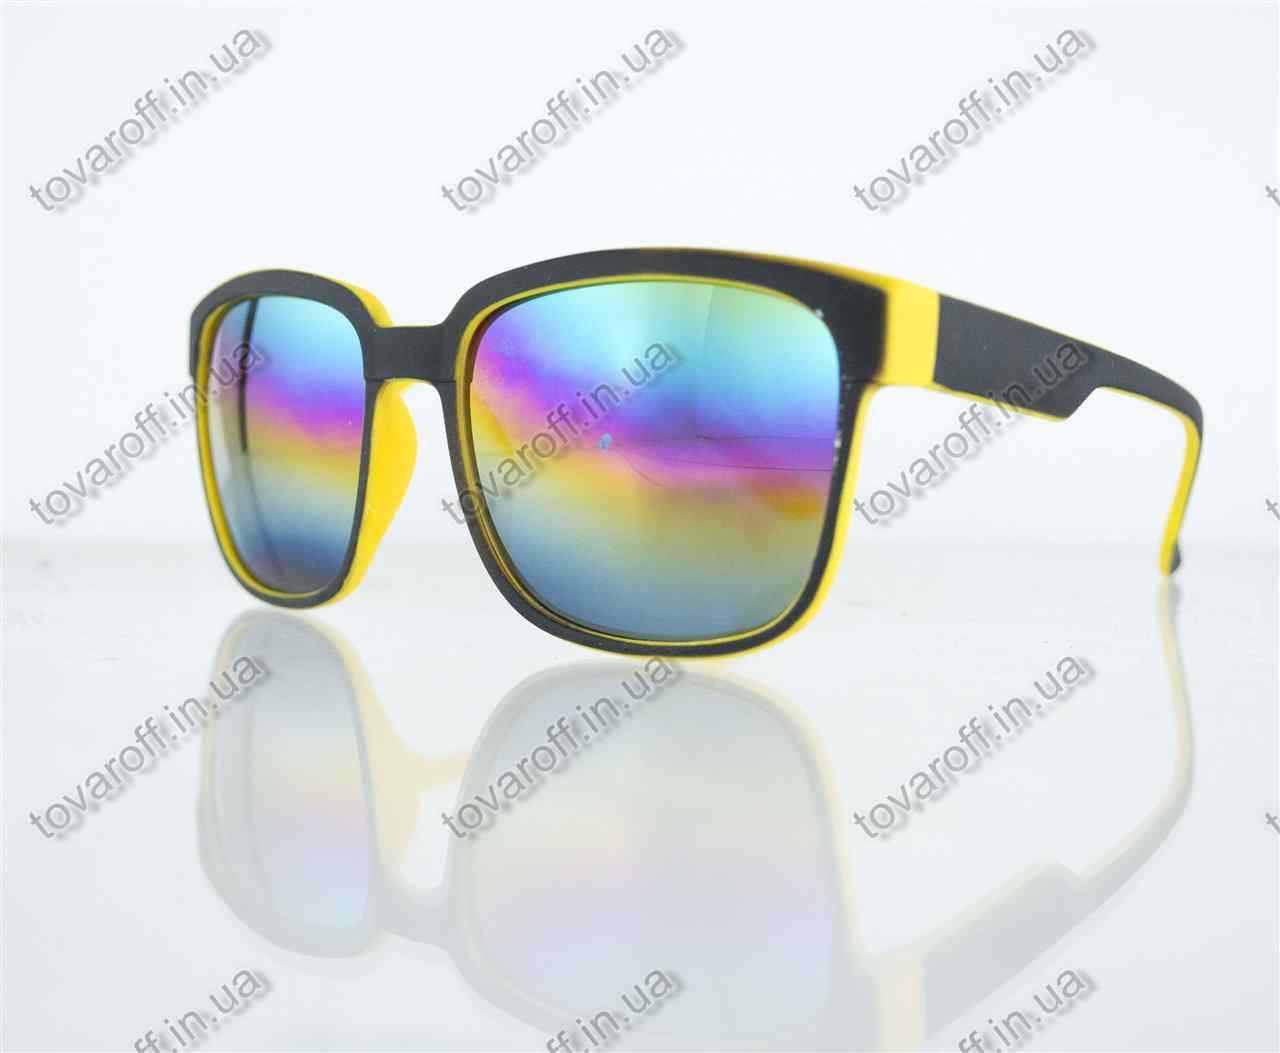 Оптом очки унисекс солнцезащитные Вайфарер (Wayfarer) с зеркальными линзами - Черно-желтые - 2104, фото 1